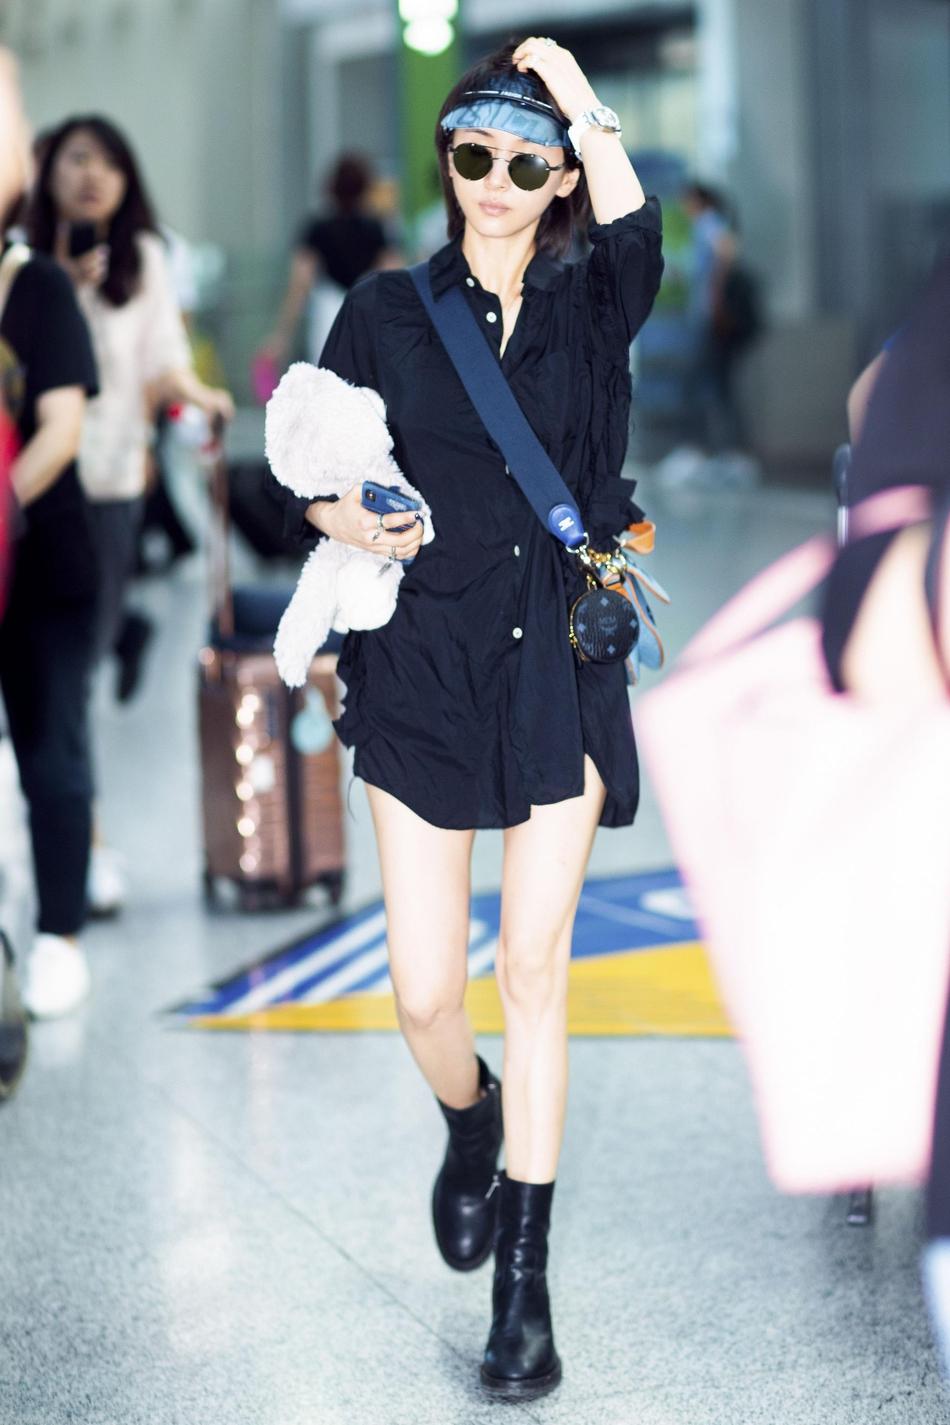 王子文现身首都机场 黑超遮面怀抱毛绒熊又酷又萌